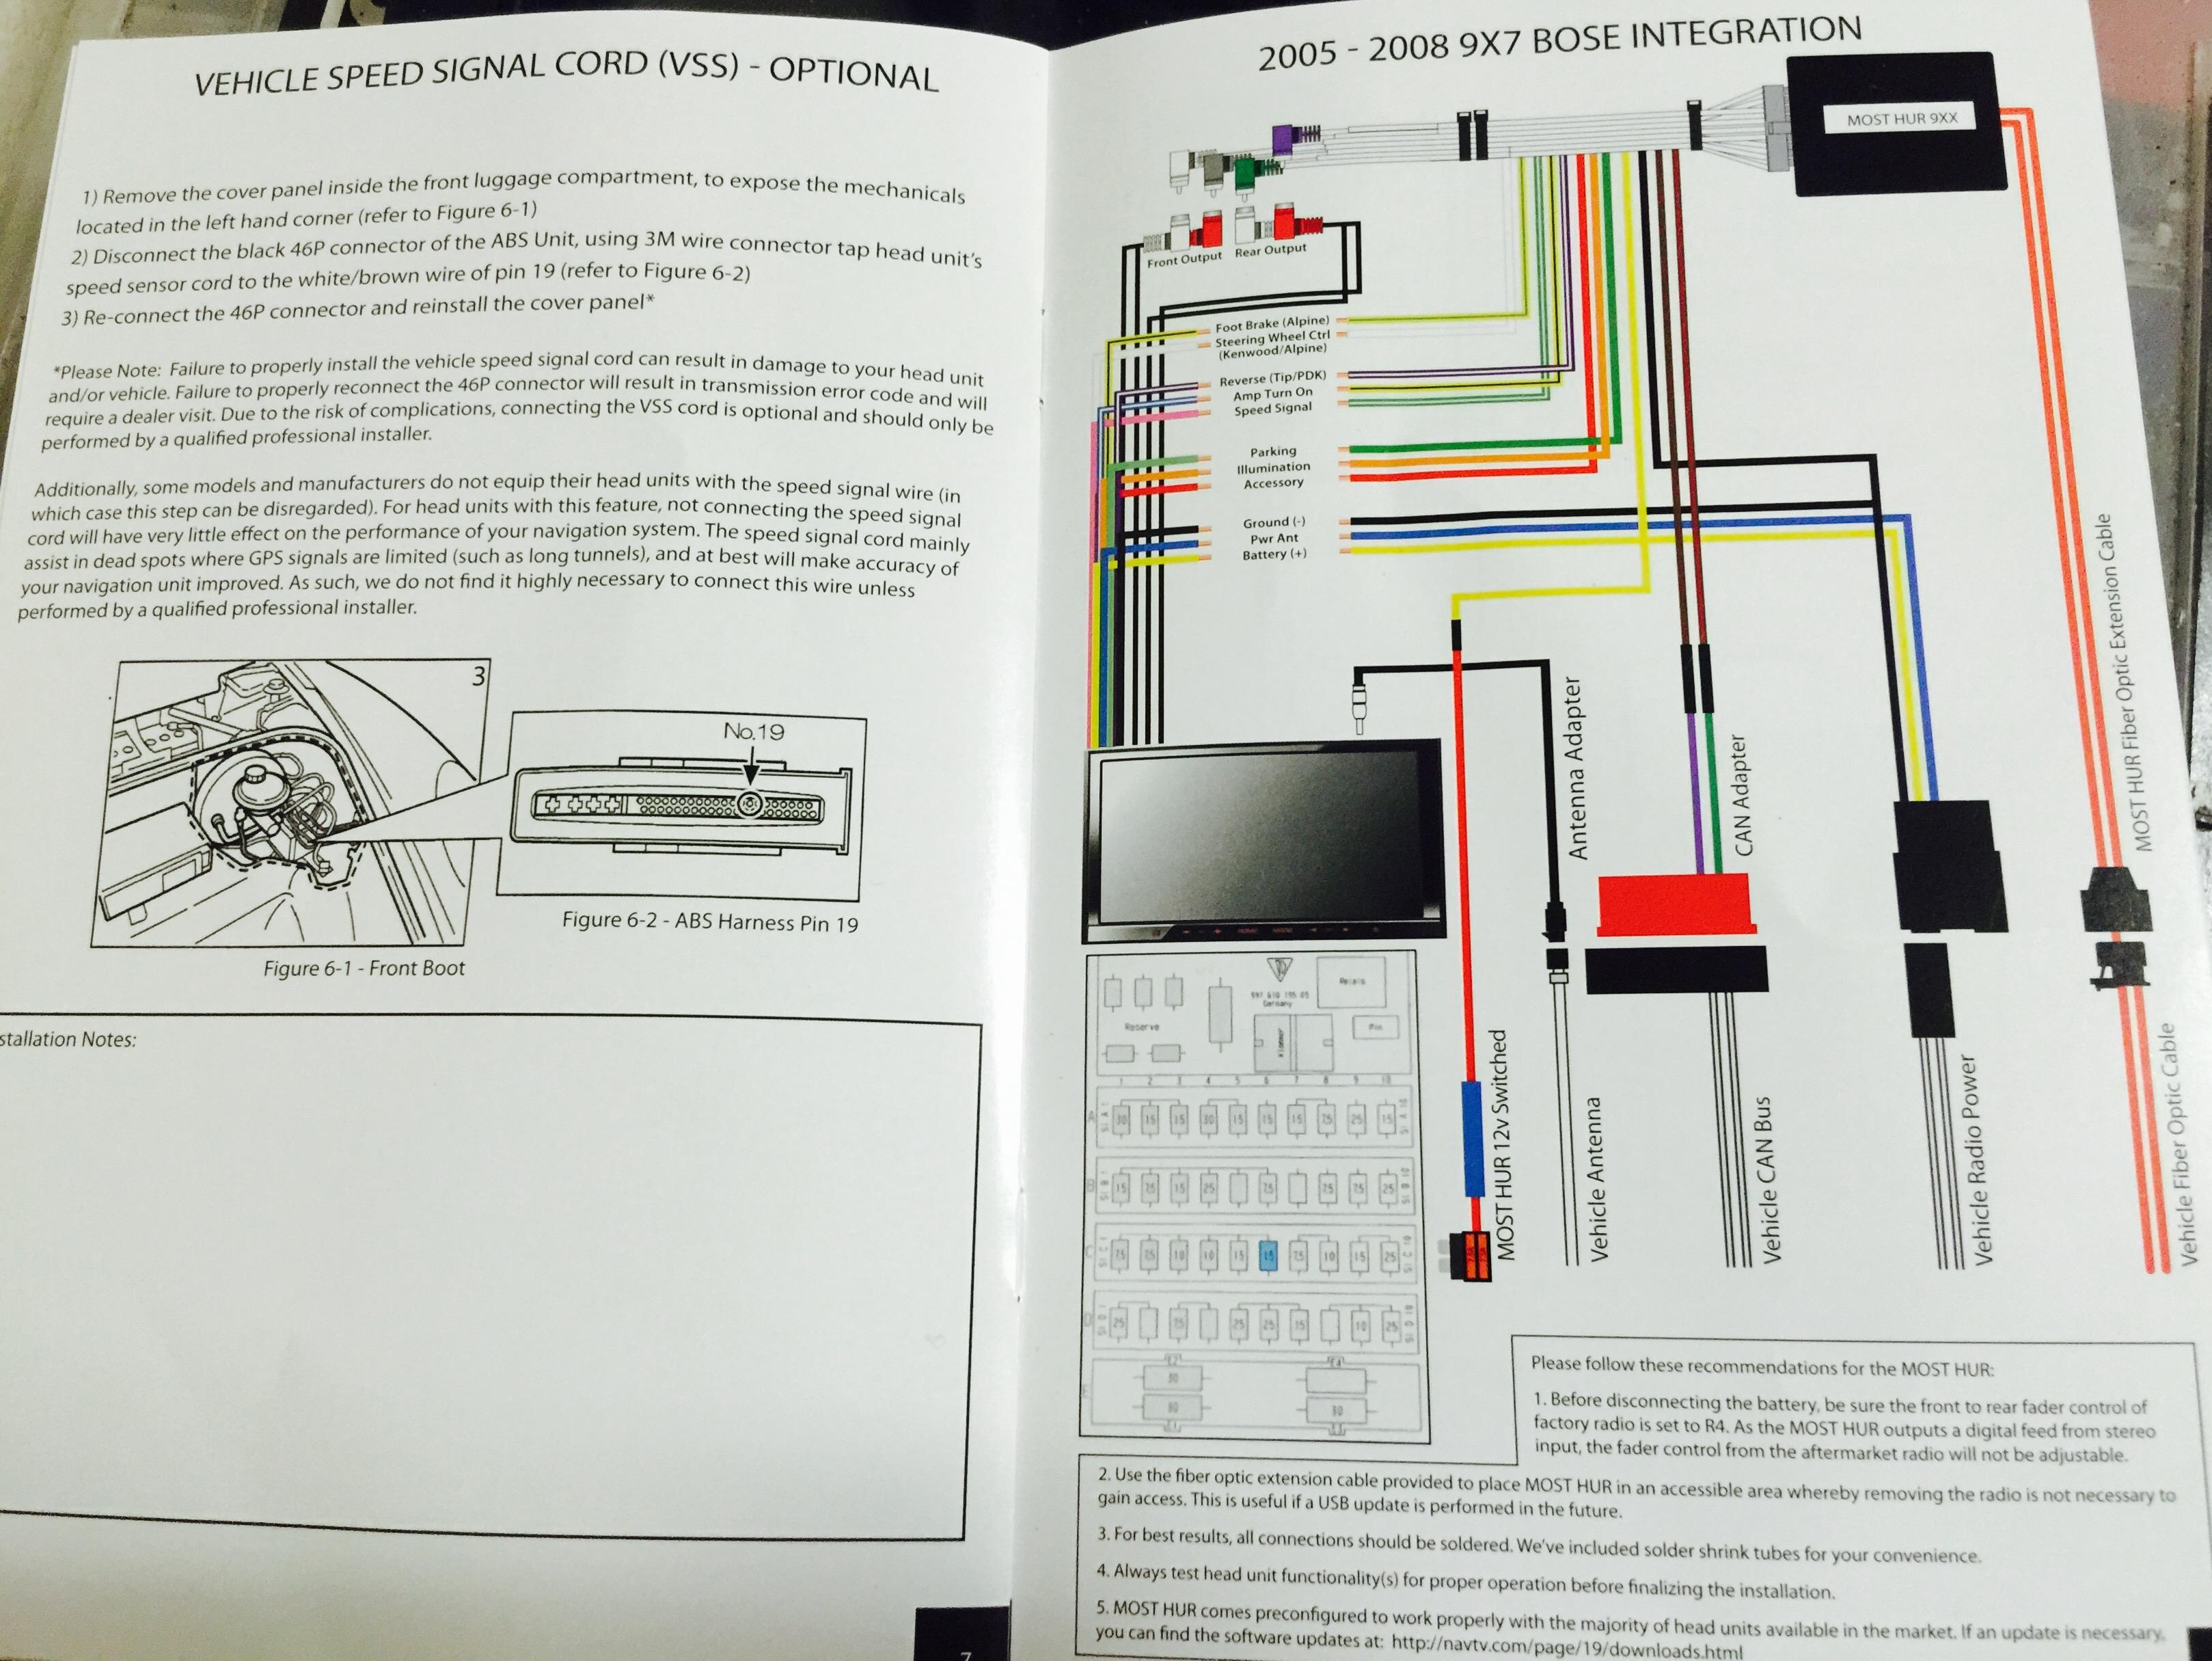 Porsche Navigation Wiring Diagram : Porsche navigation system wiring diagram engine